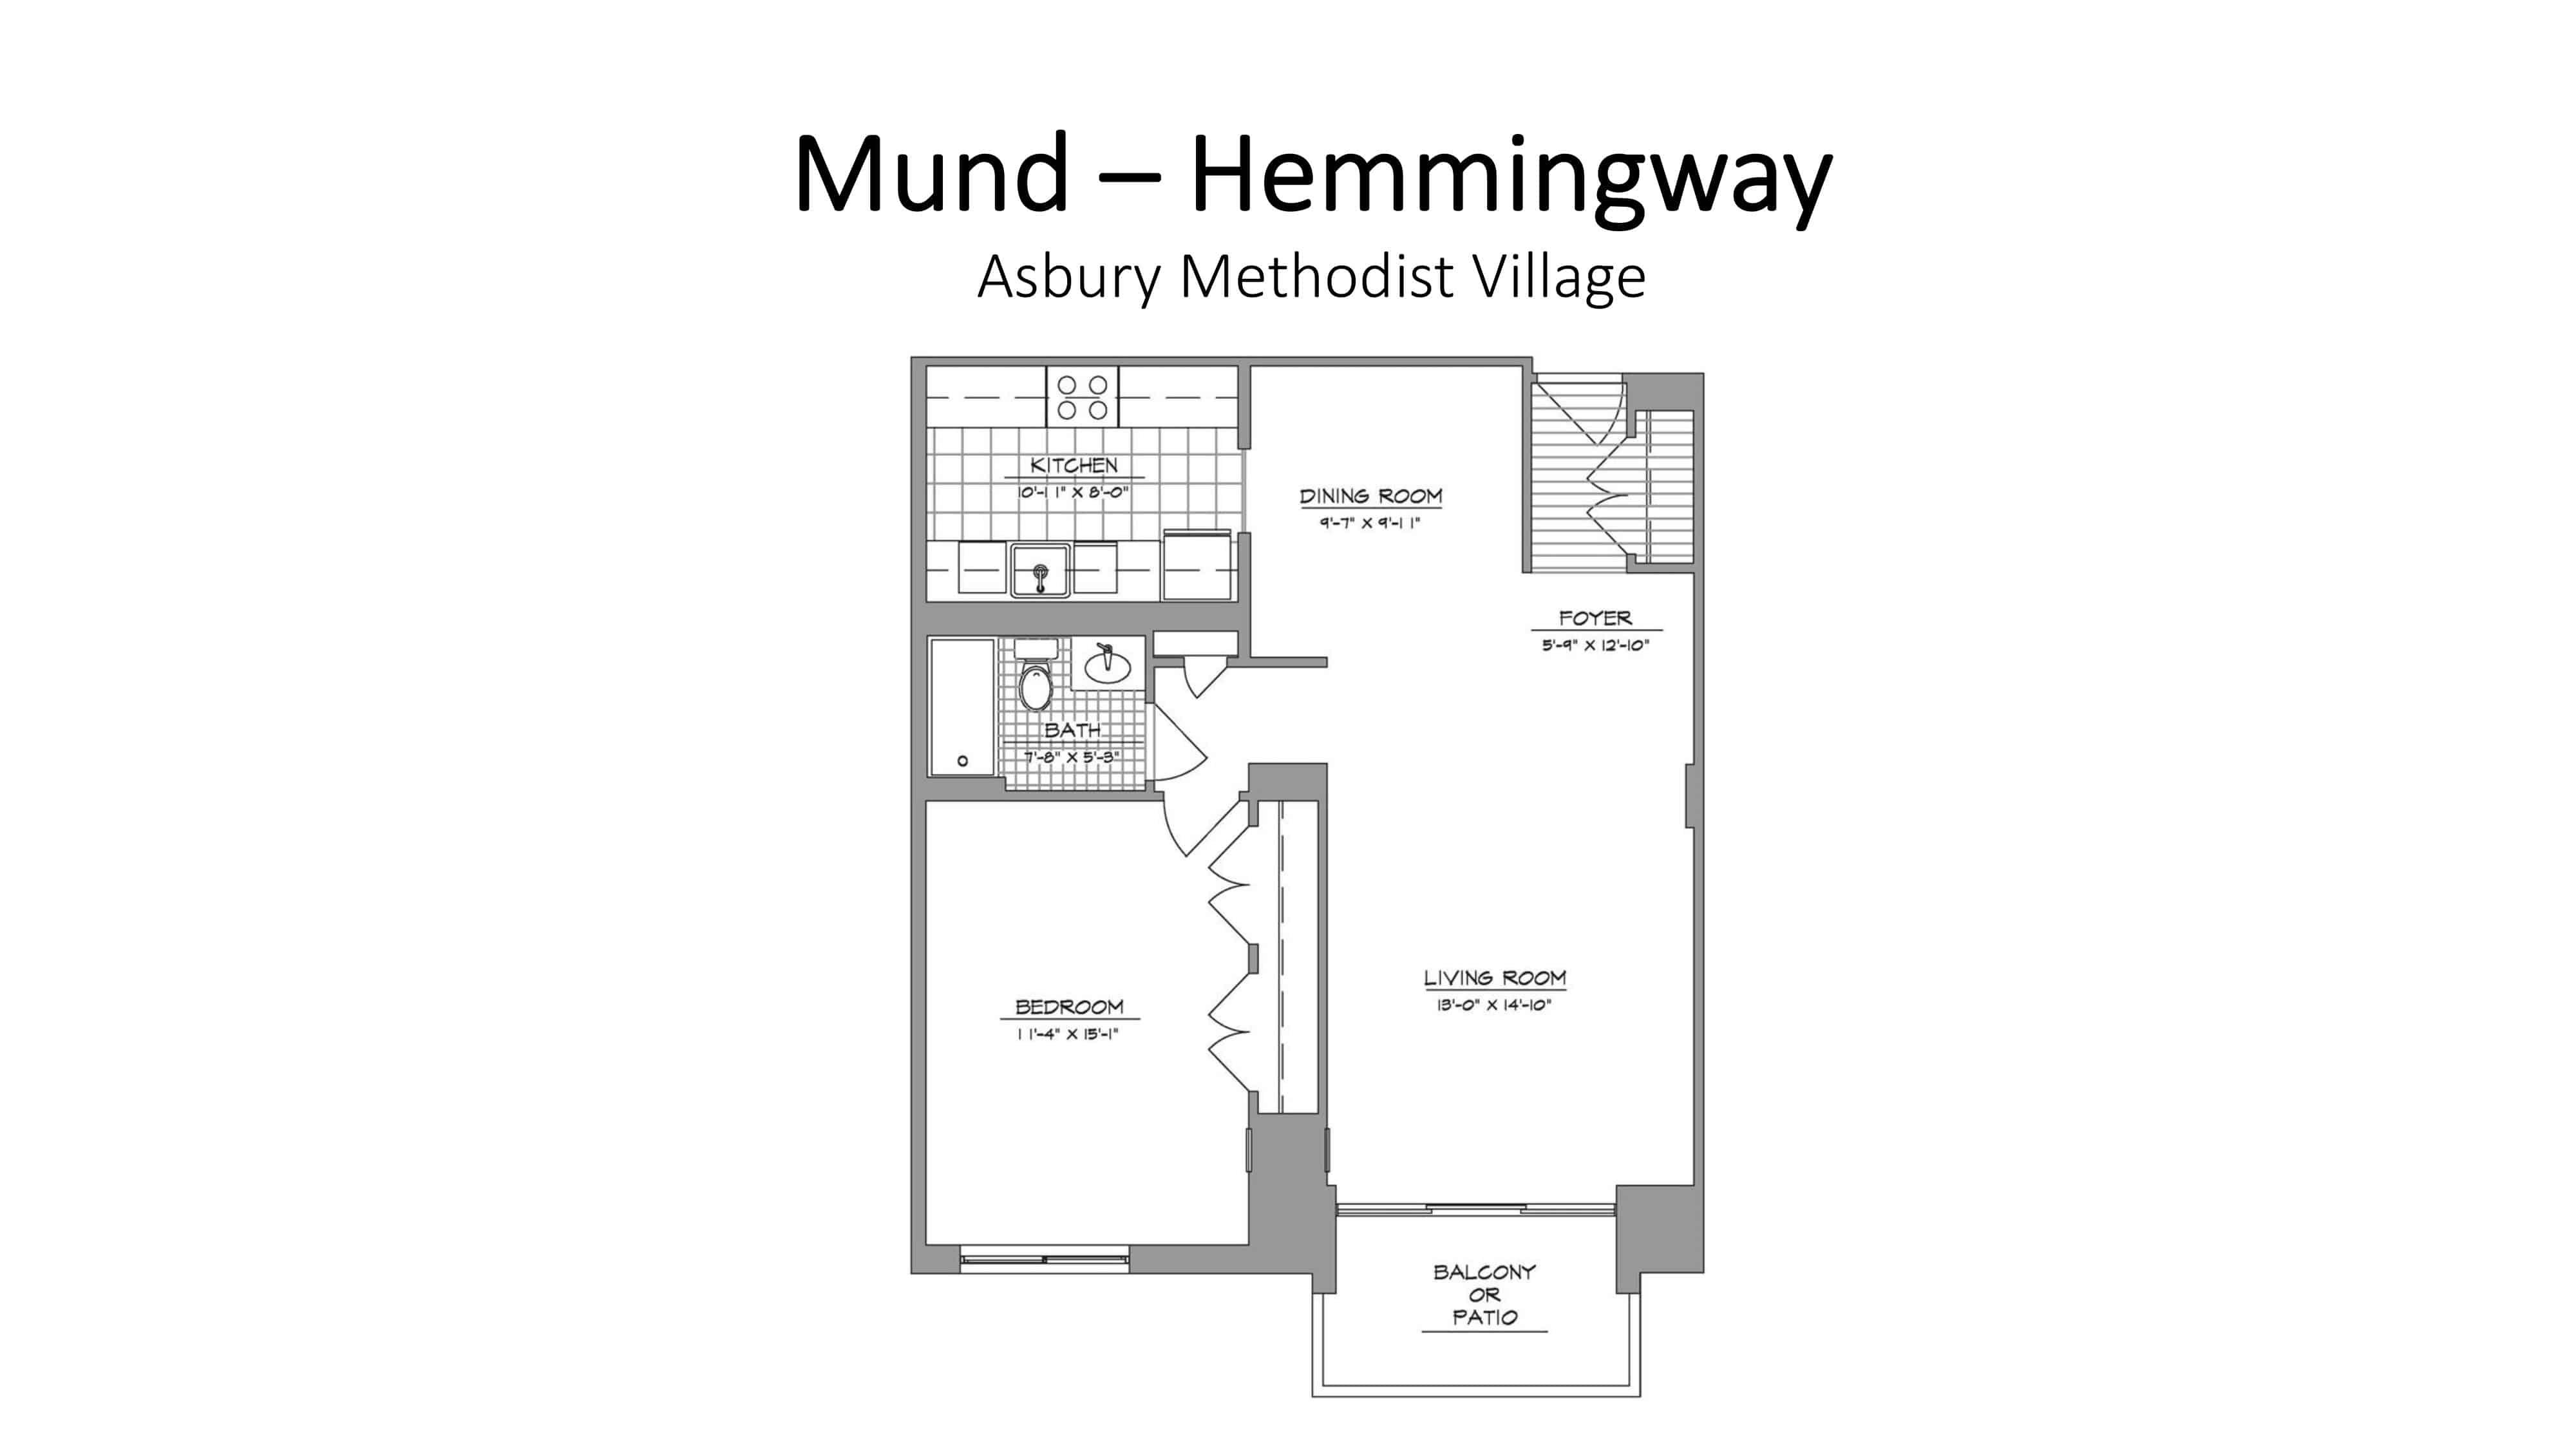 AMV Mund - Hemmingway